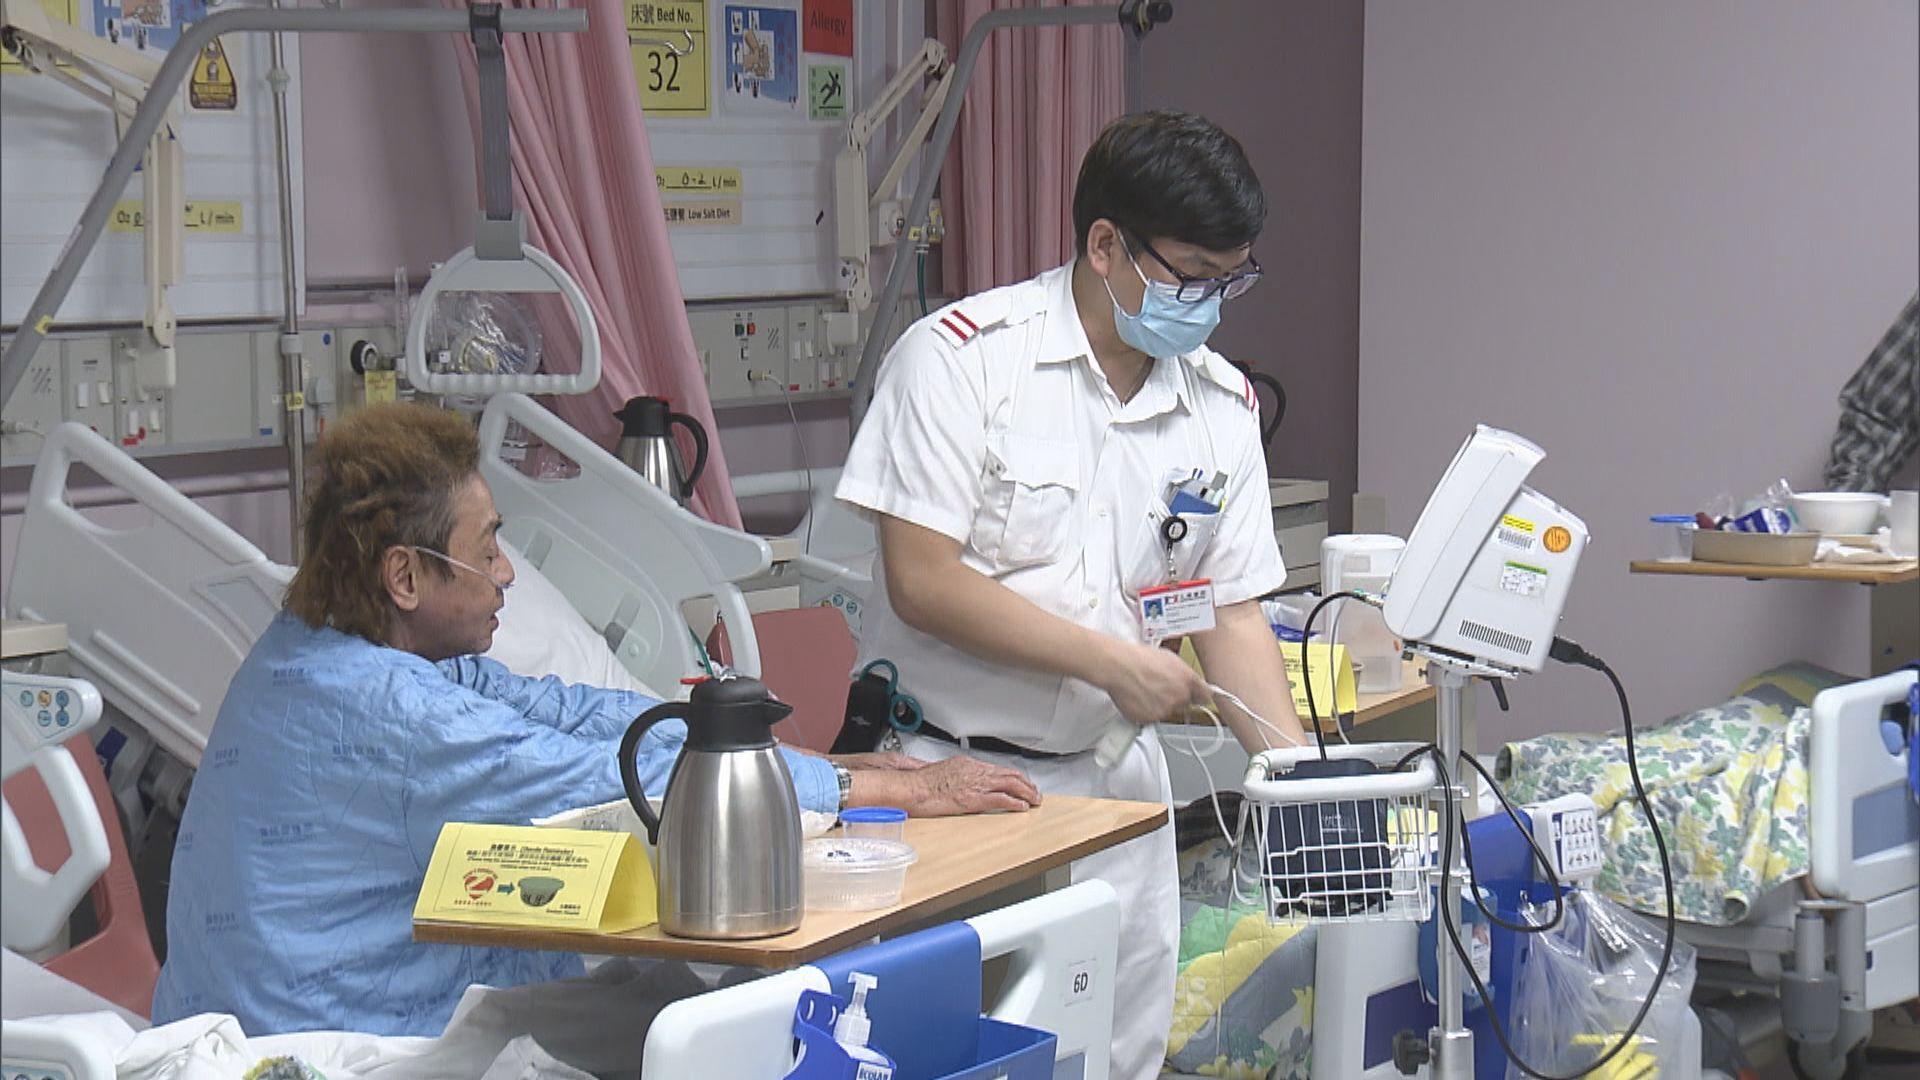 醫管局擬增二千名護士惟未有落實時間表